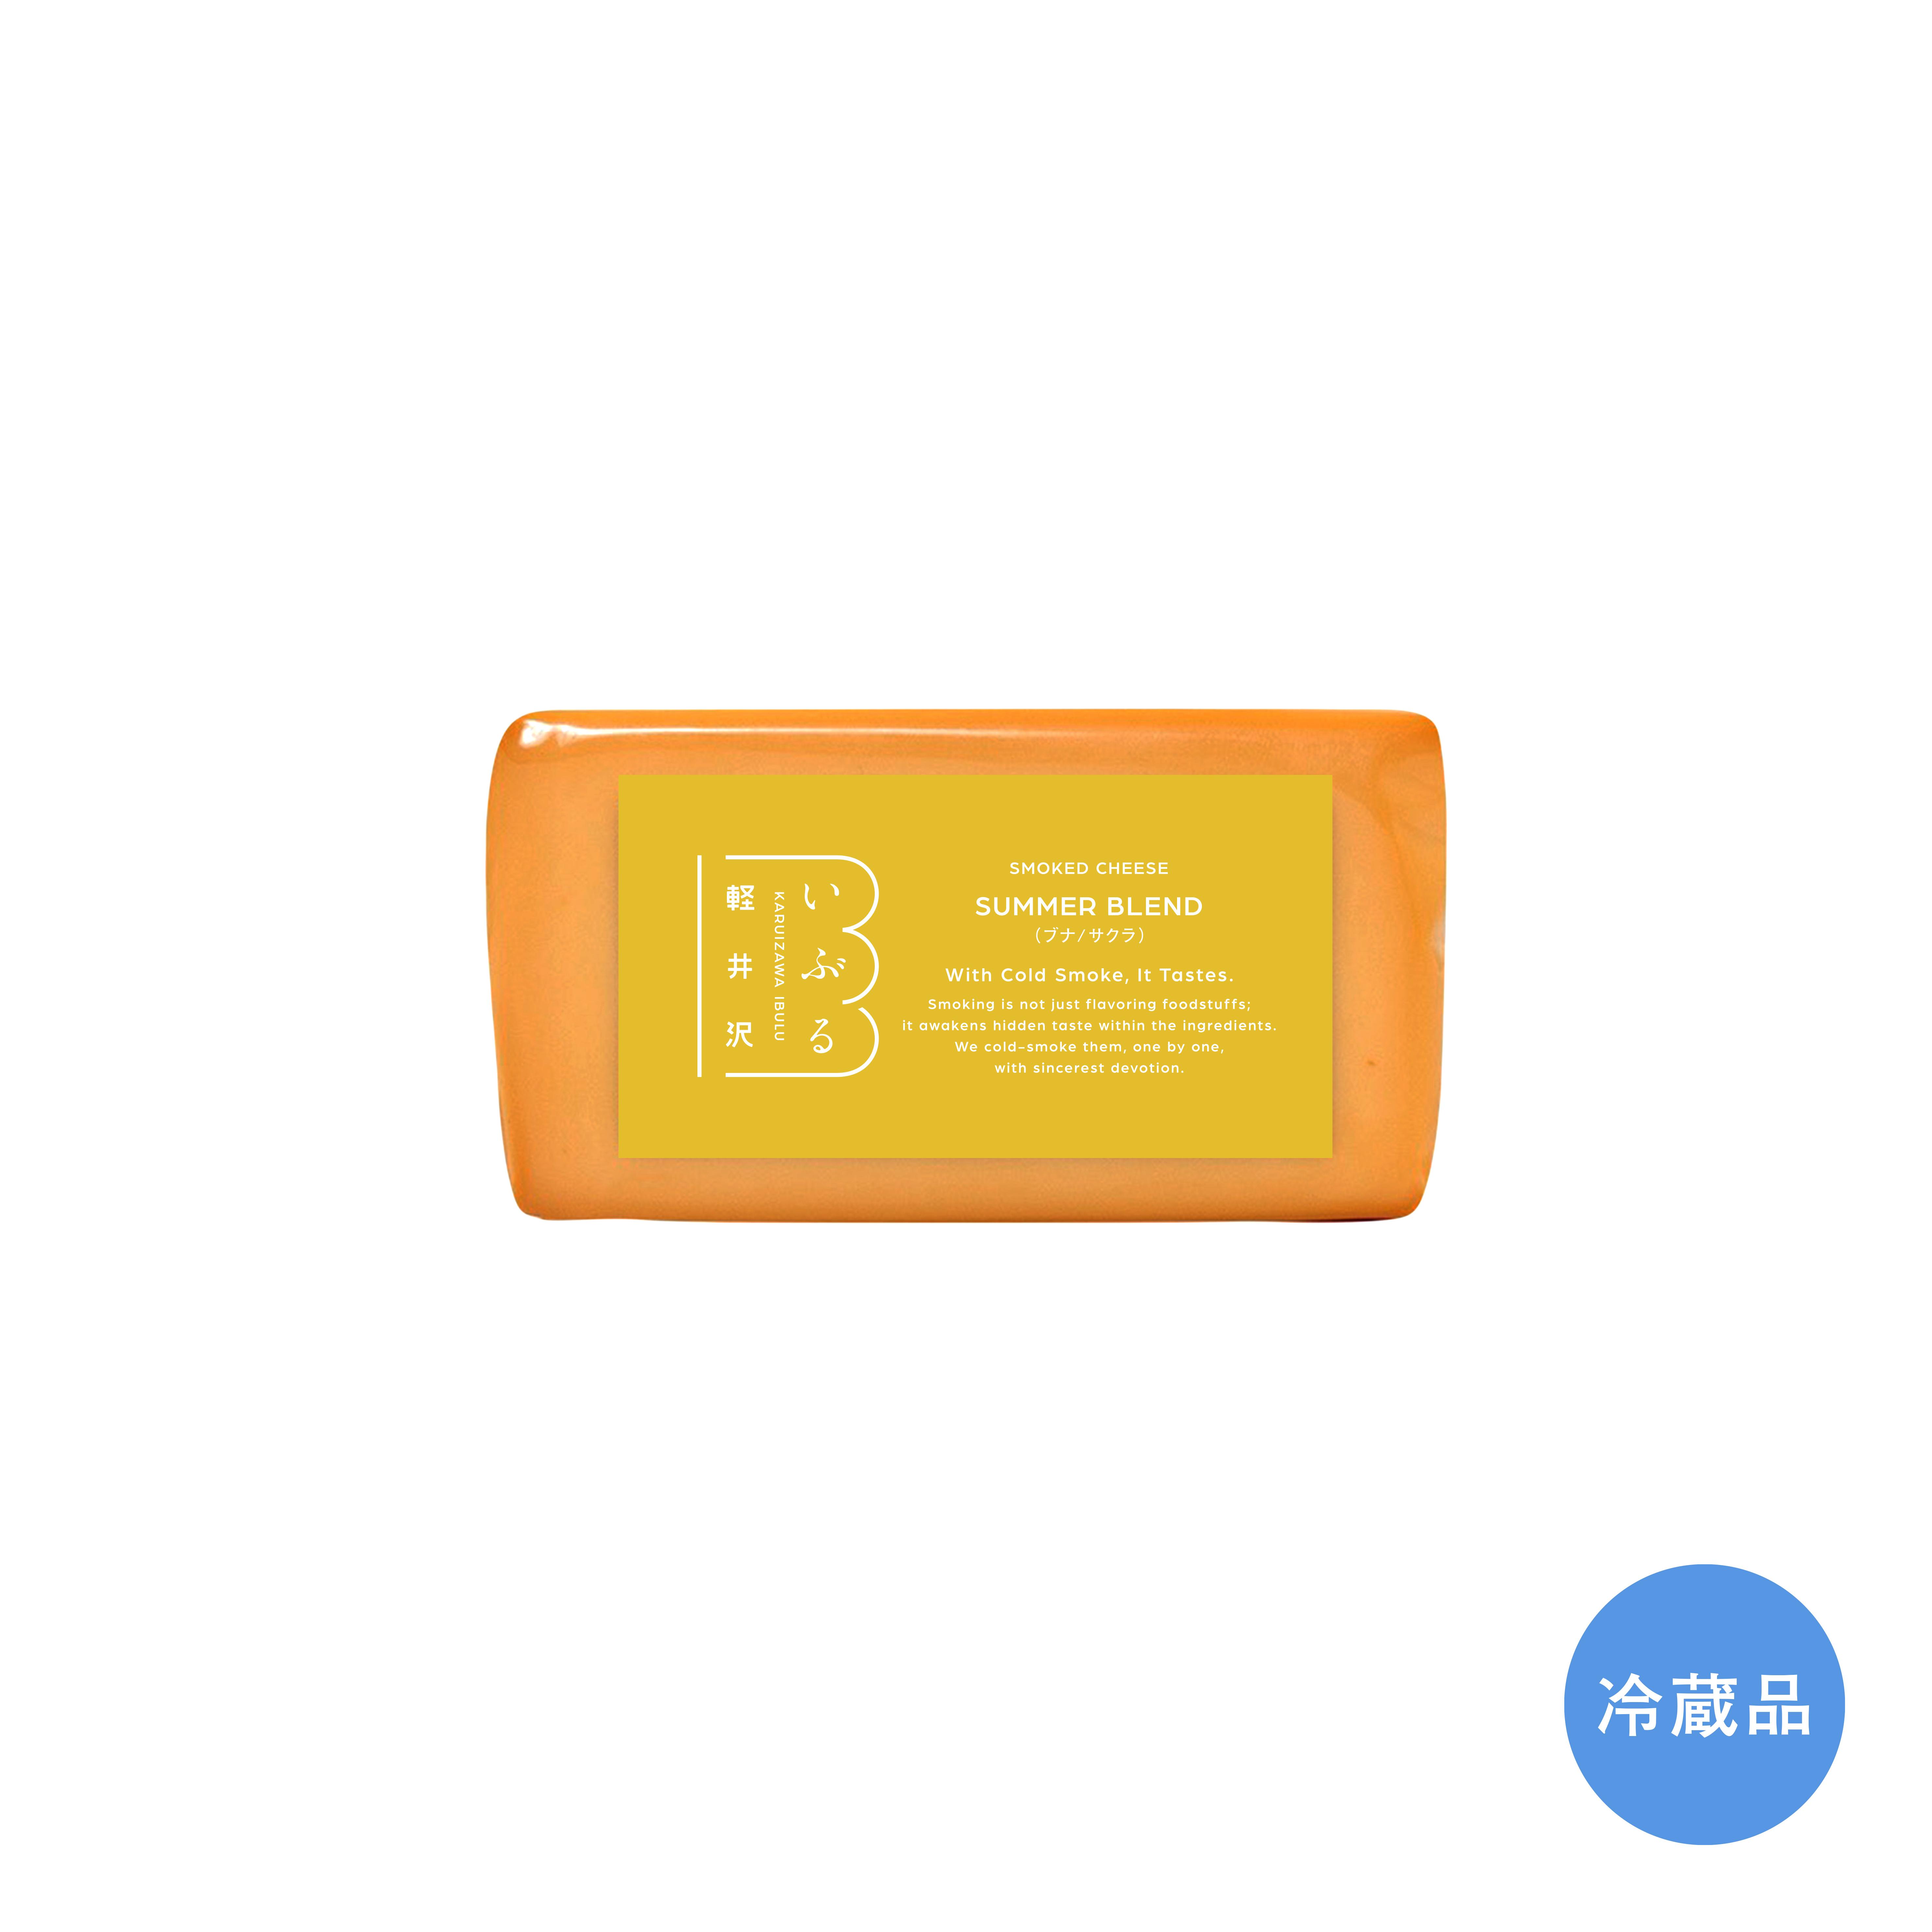 燻製チーズ(サマーブレンド) 195g